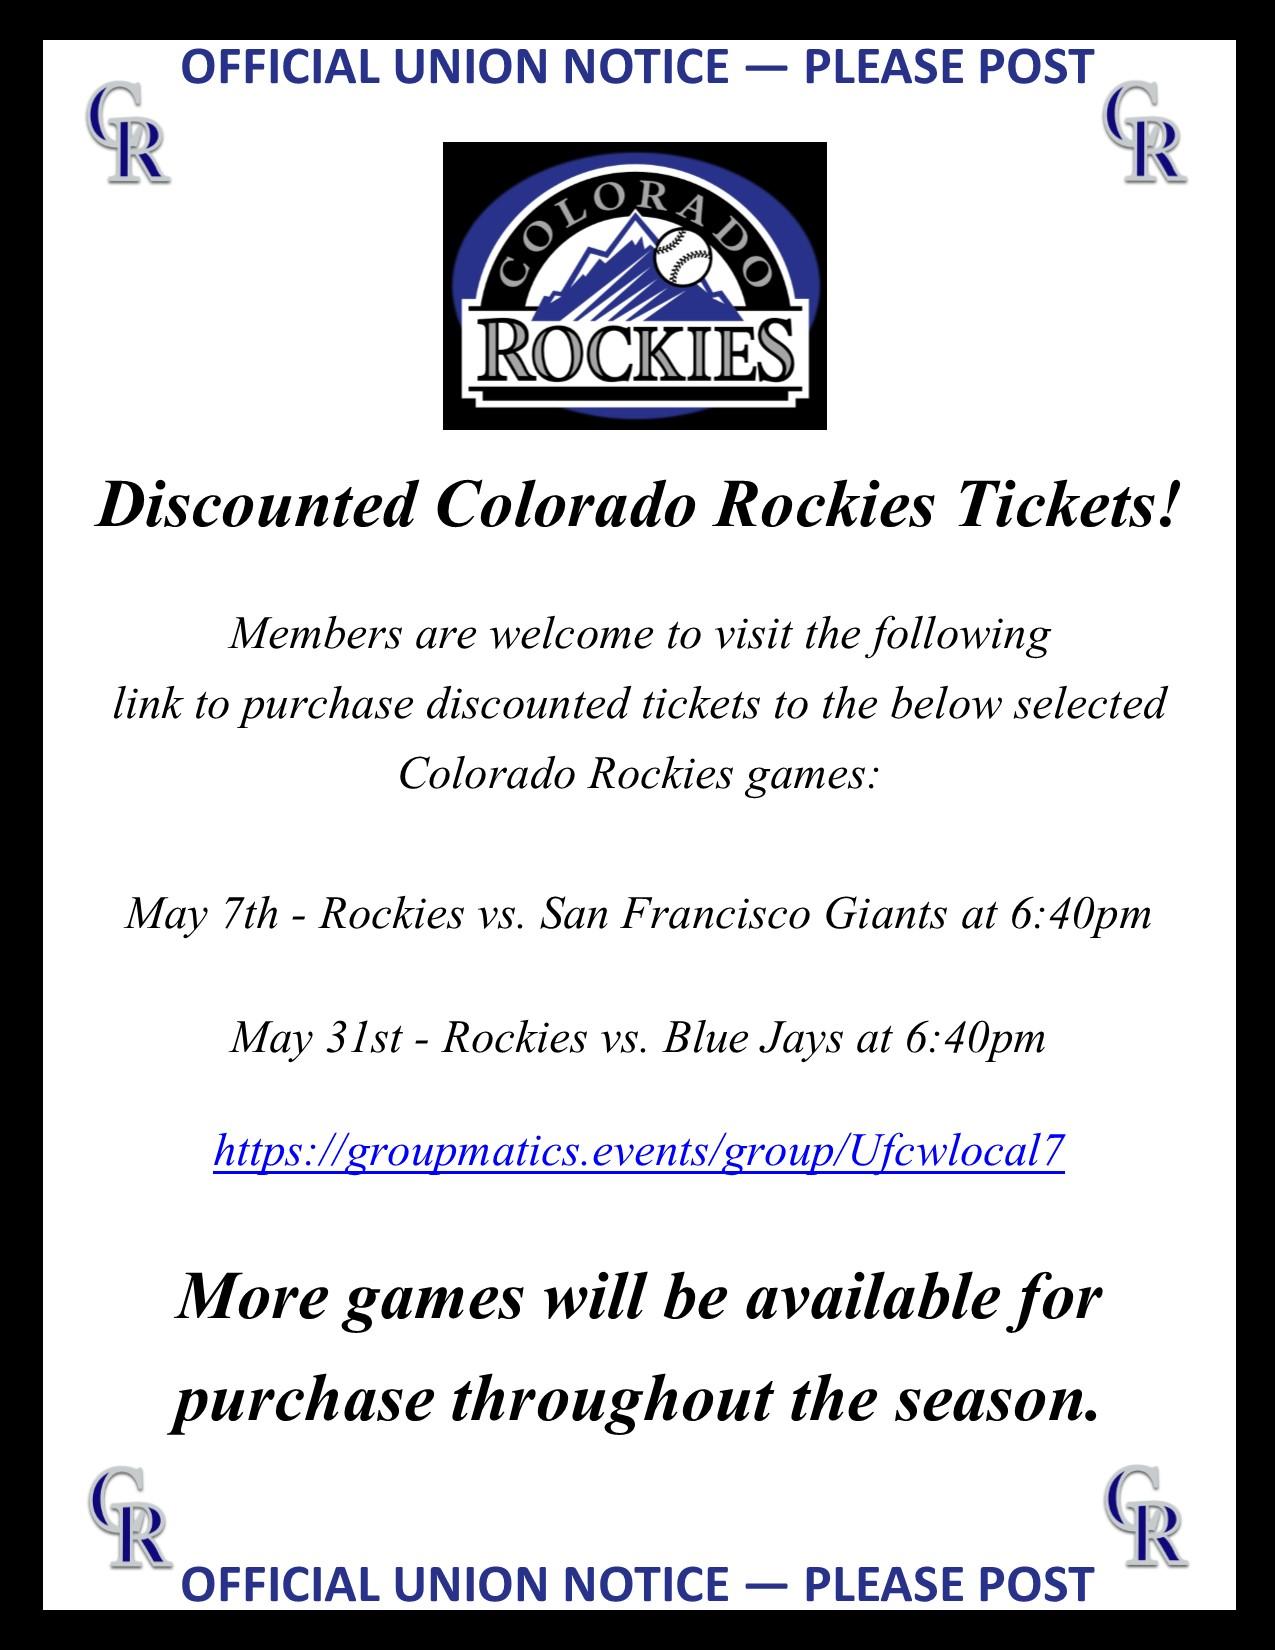 Colorado Rockies Tickets!